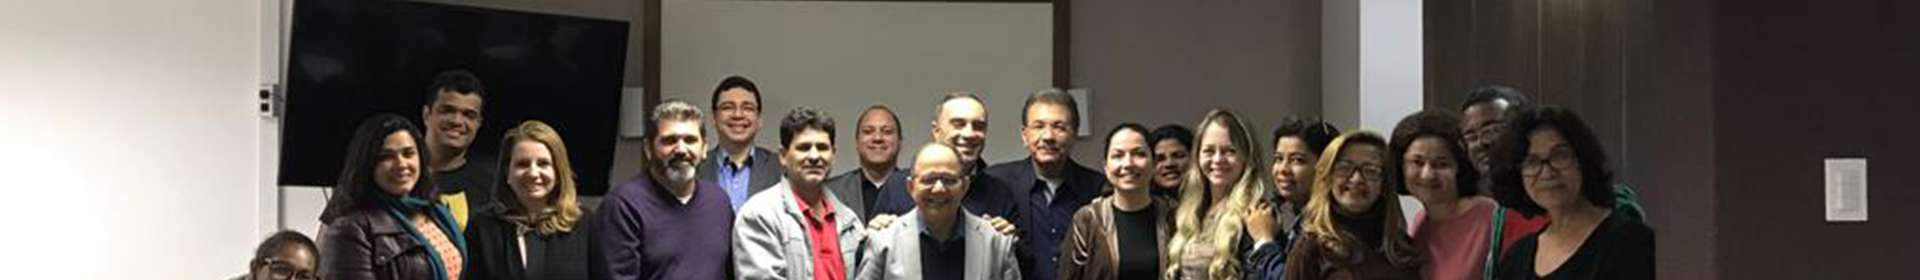 Palestras sobre a Igreja Cristã Maranata são ministradas a professores de ensino religioso